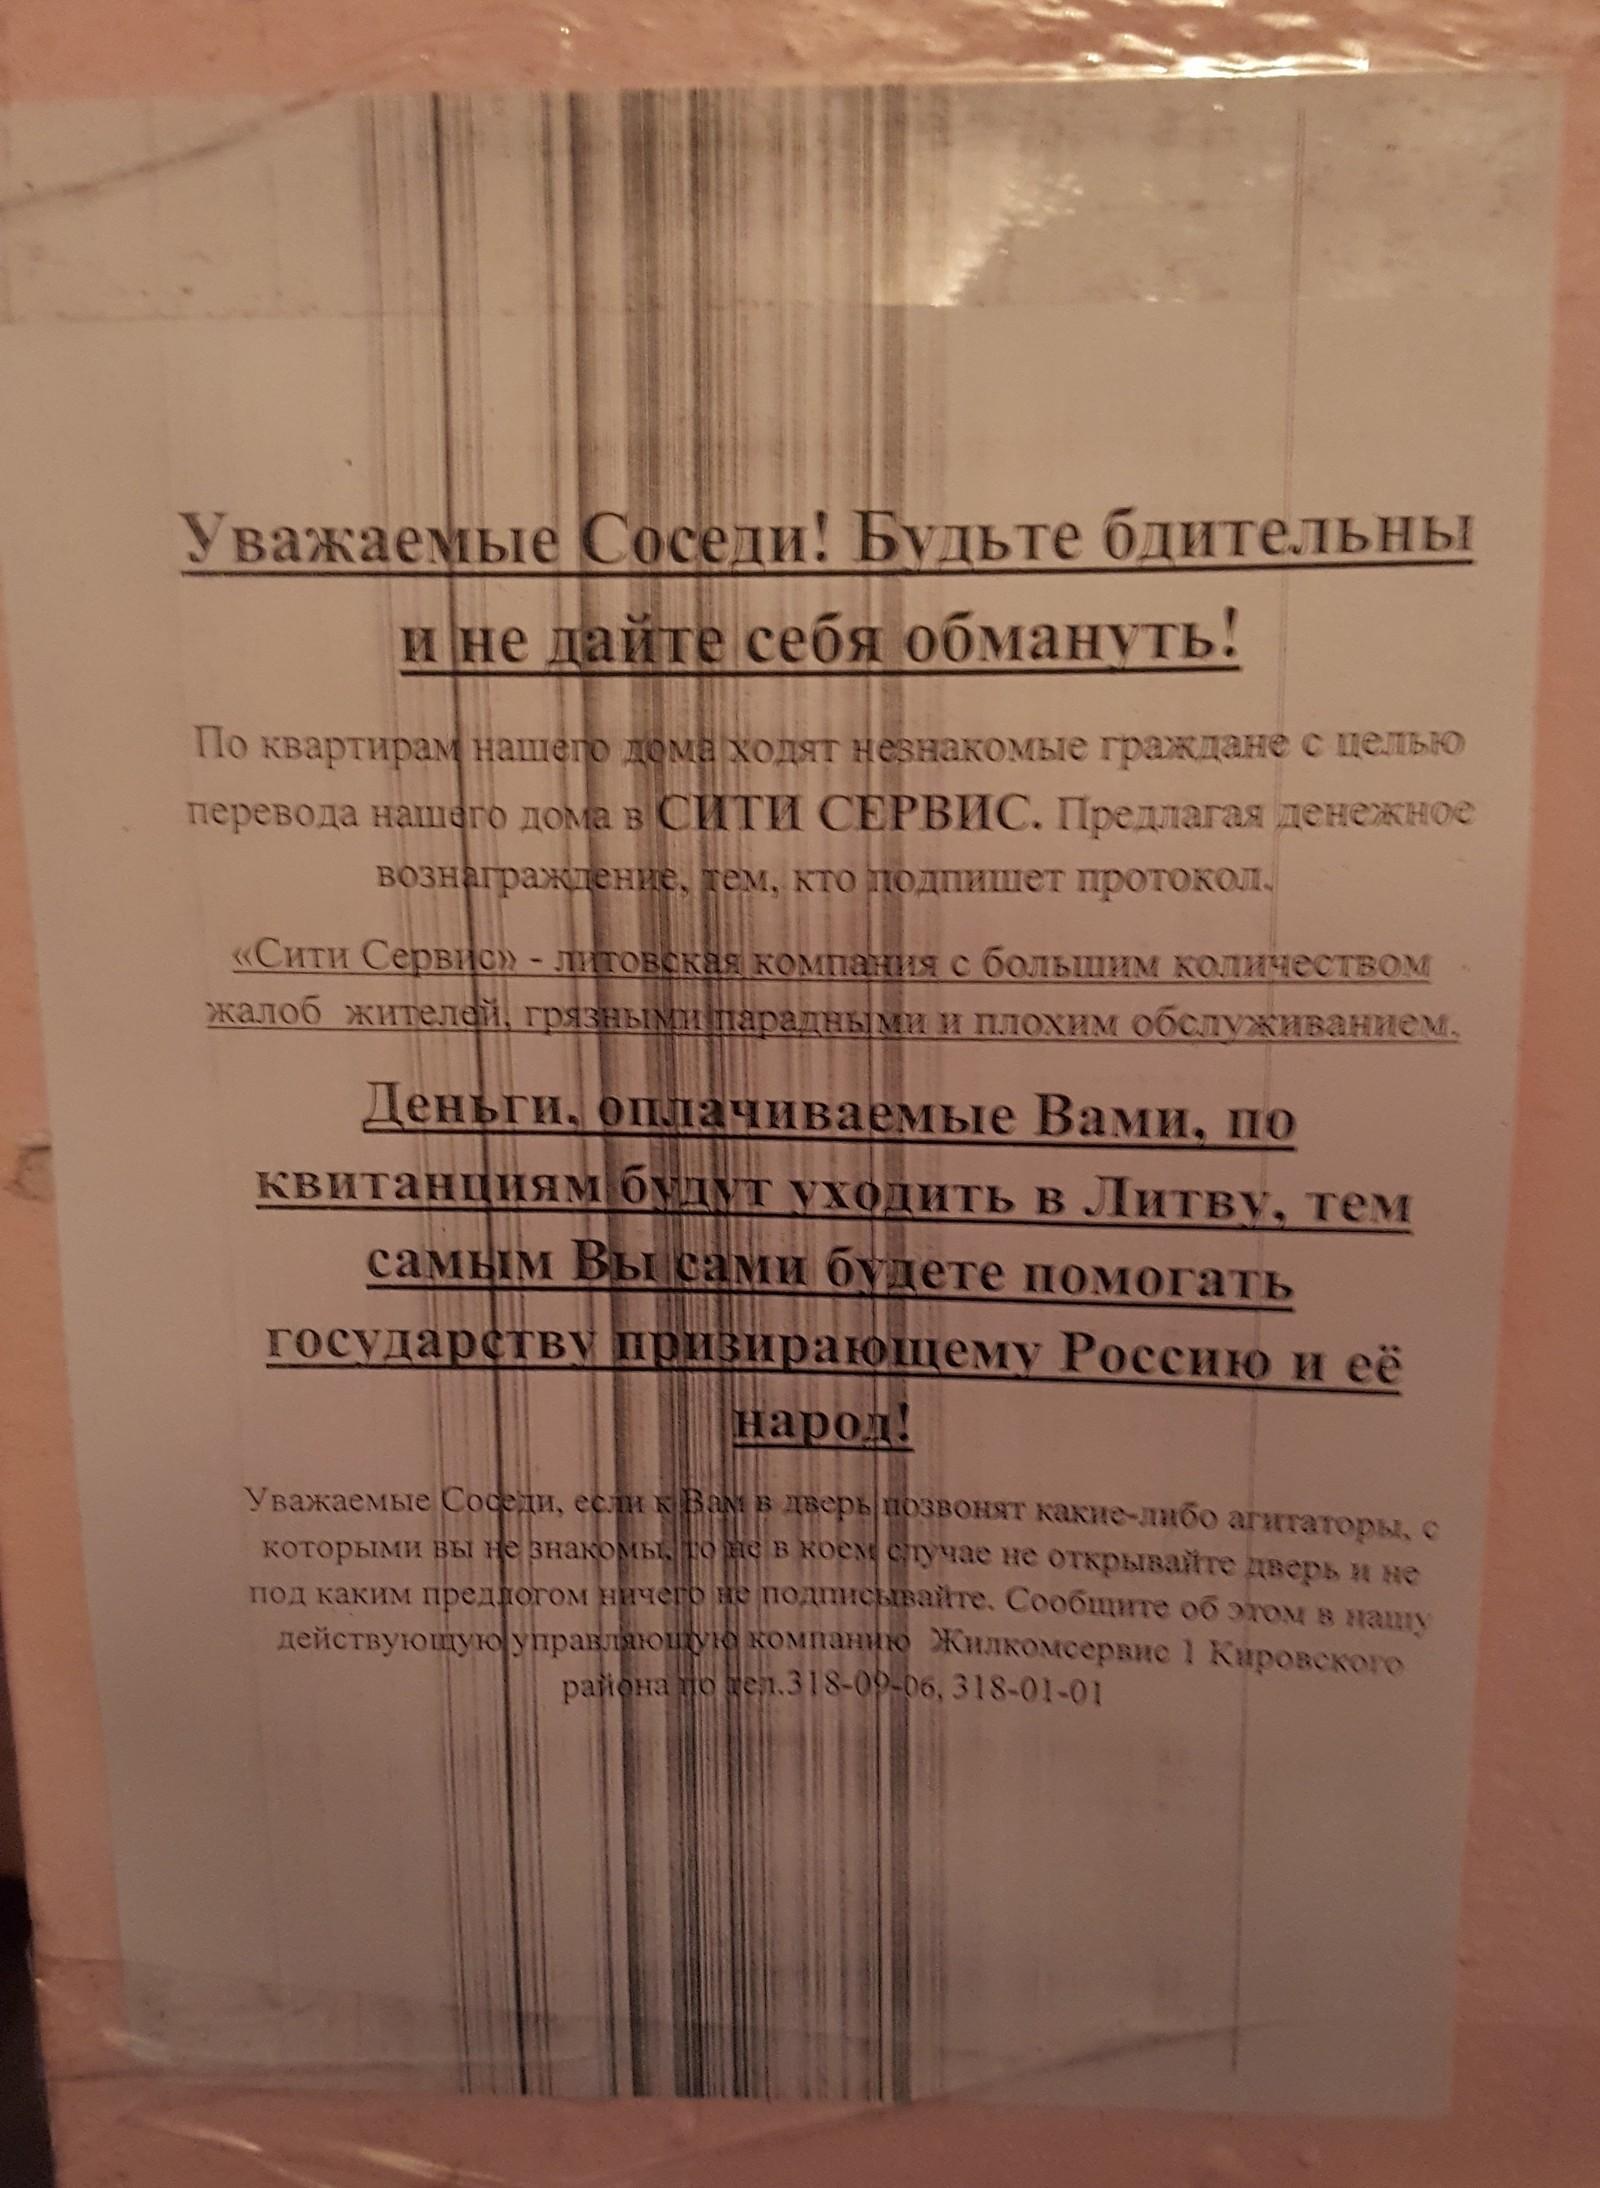 исключительно попросила застегнуть юбку порно пацталом))))) Хороший топик